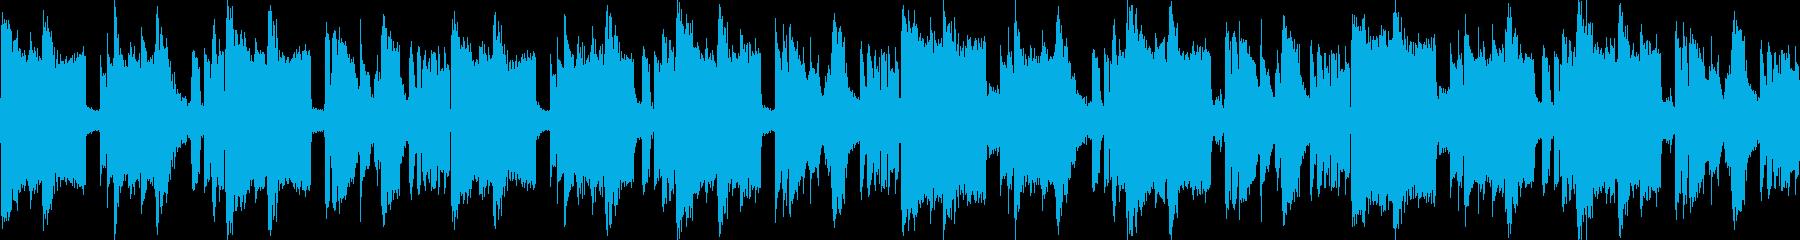 静かな夜に合う落ち着いたR&Bループbの再生済みの波形